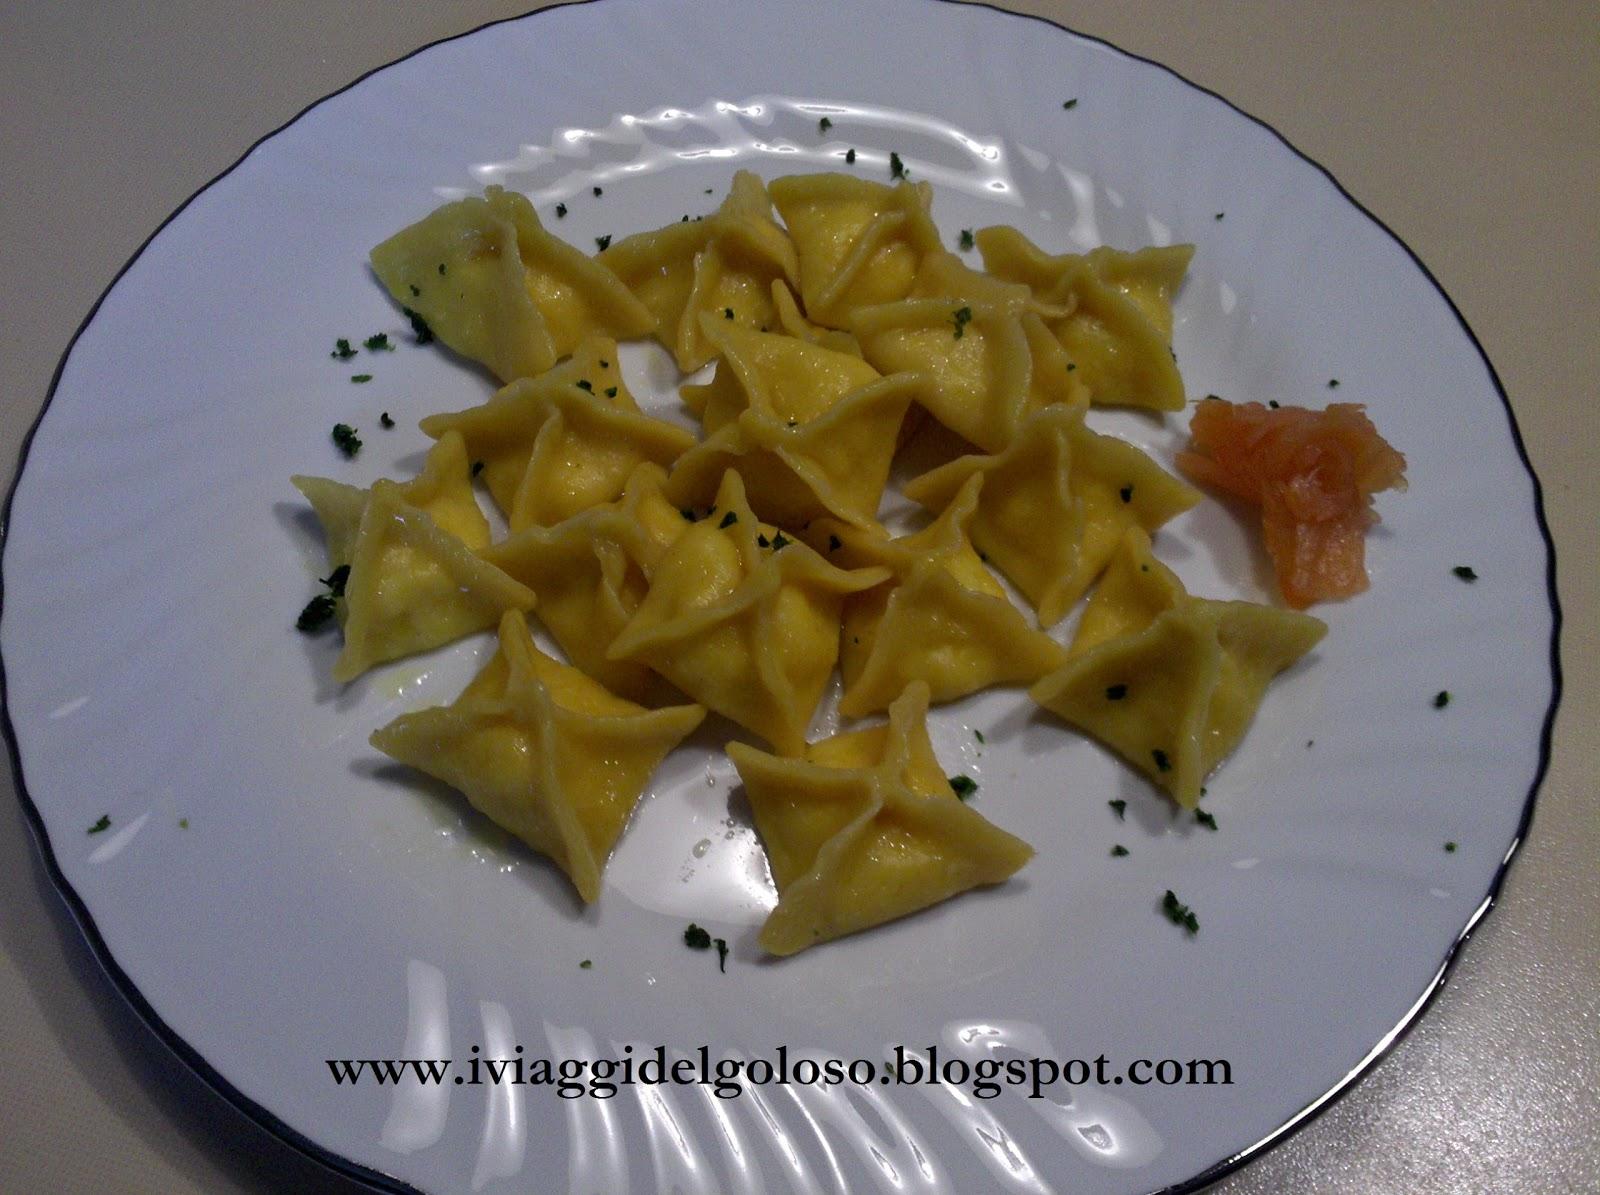 I viaggi del goloso ricette di pasta fresca fagottini for Ricette di pasta